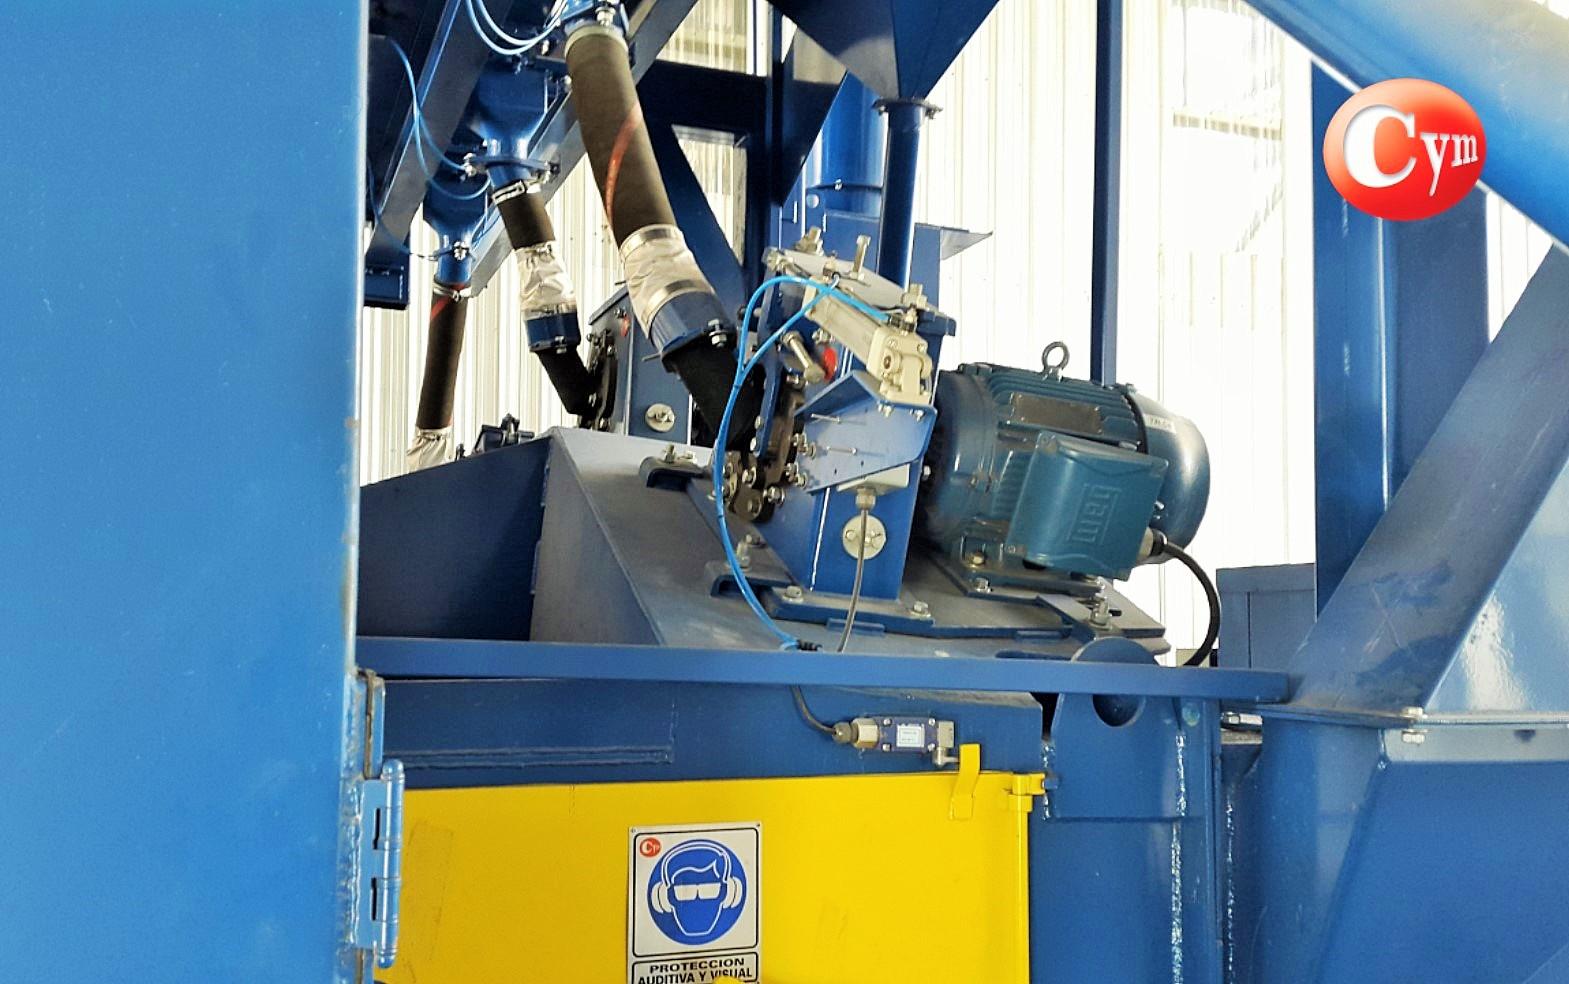 turbinas-de-granallado-equipo-chapa-cym-tr360